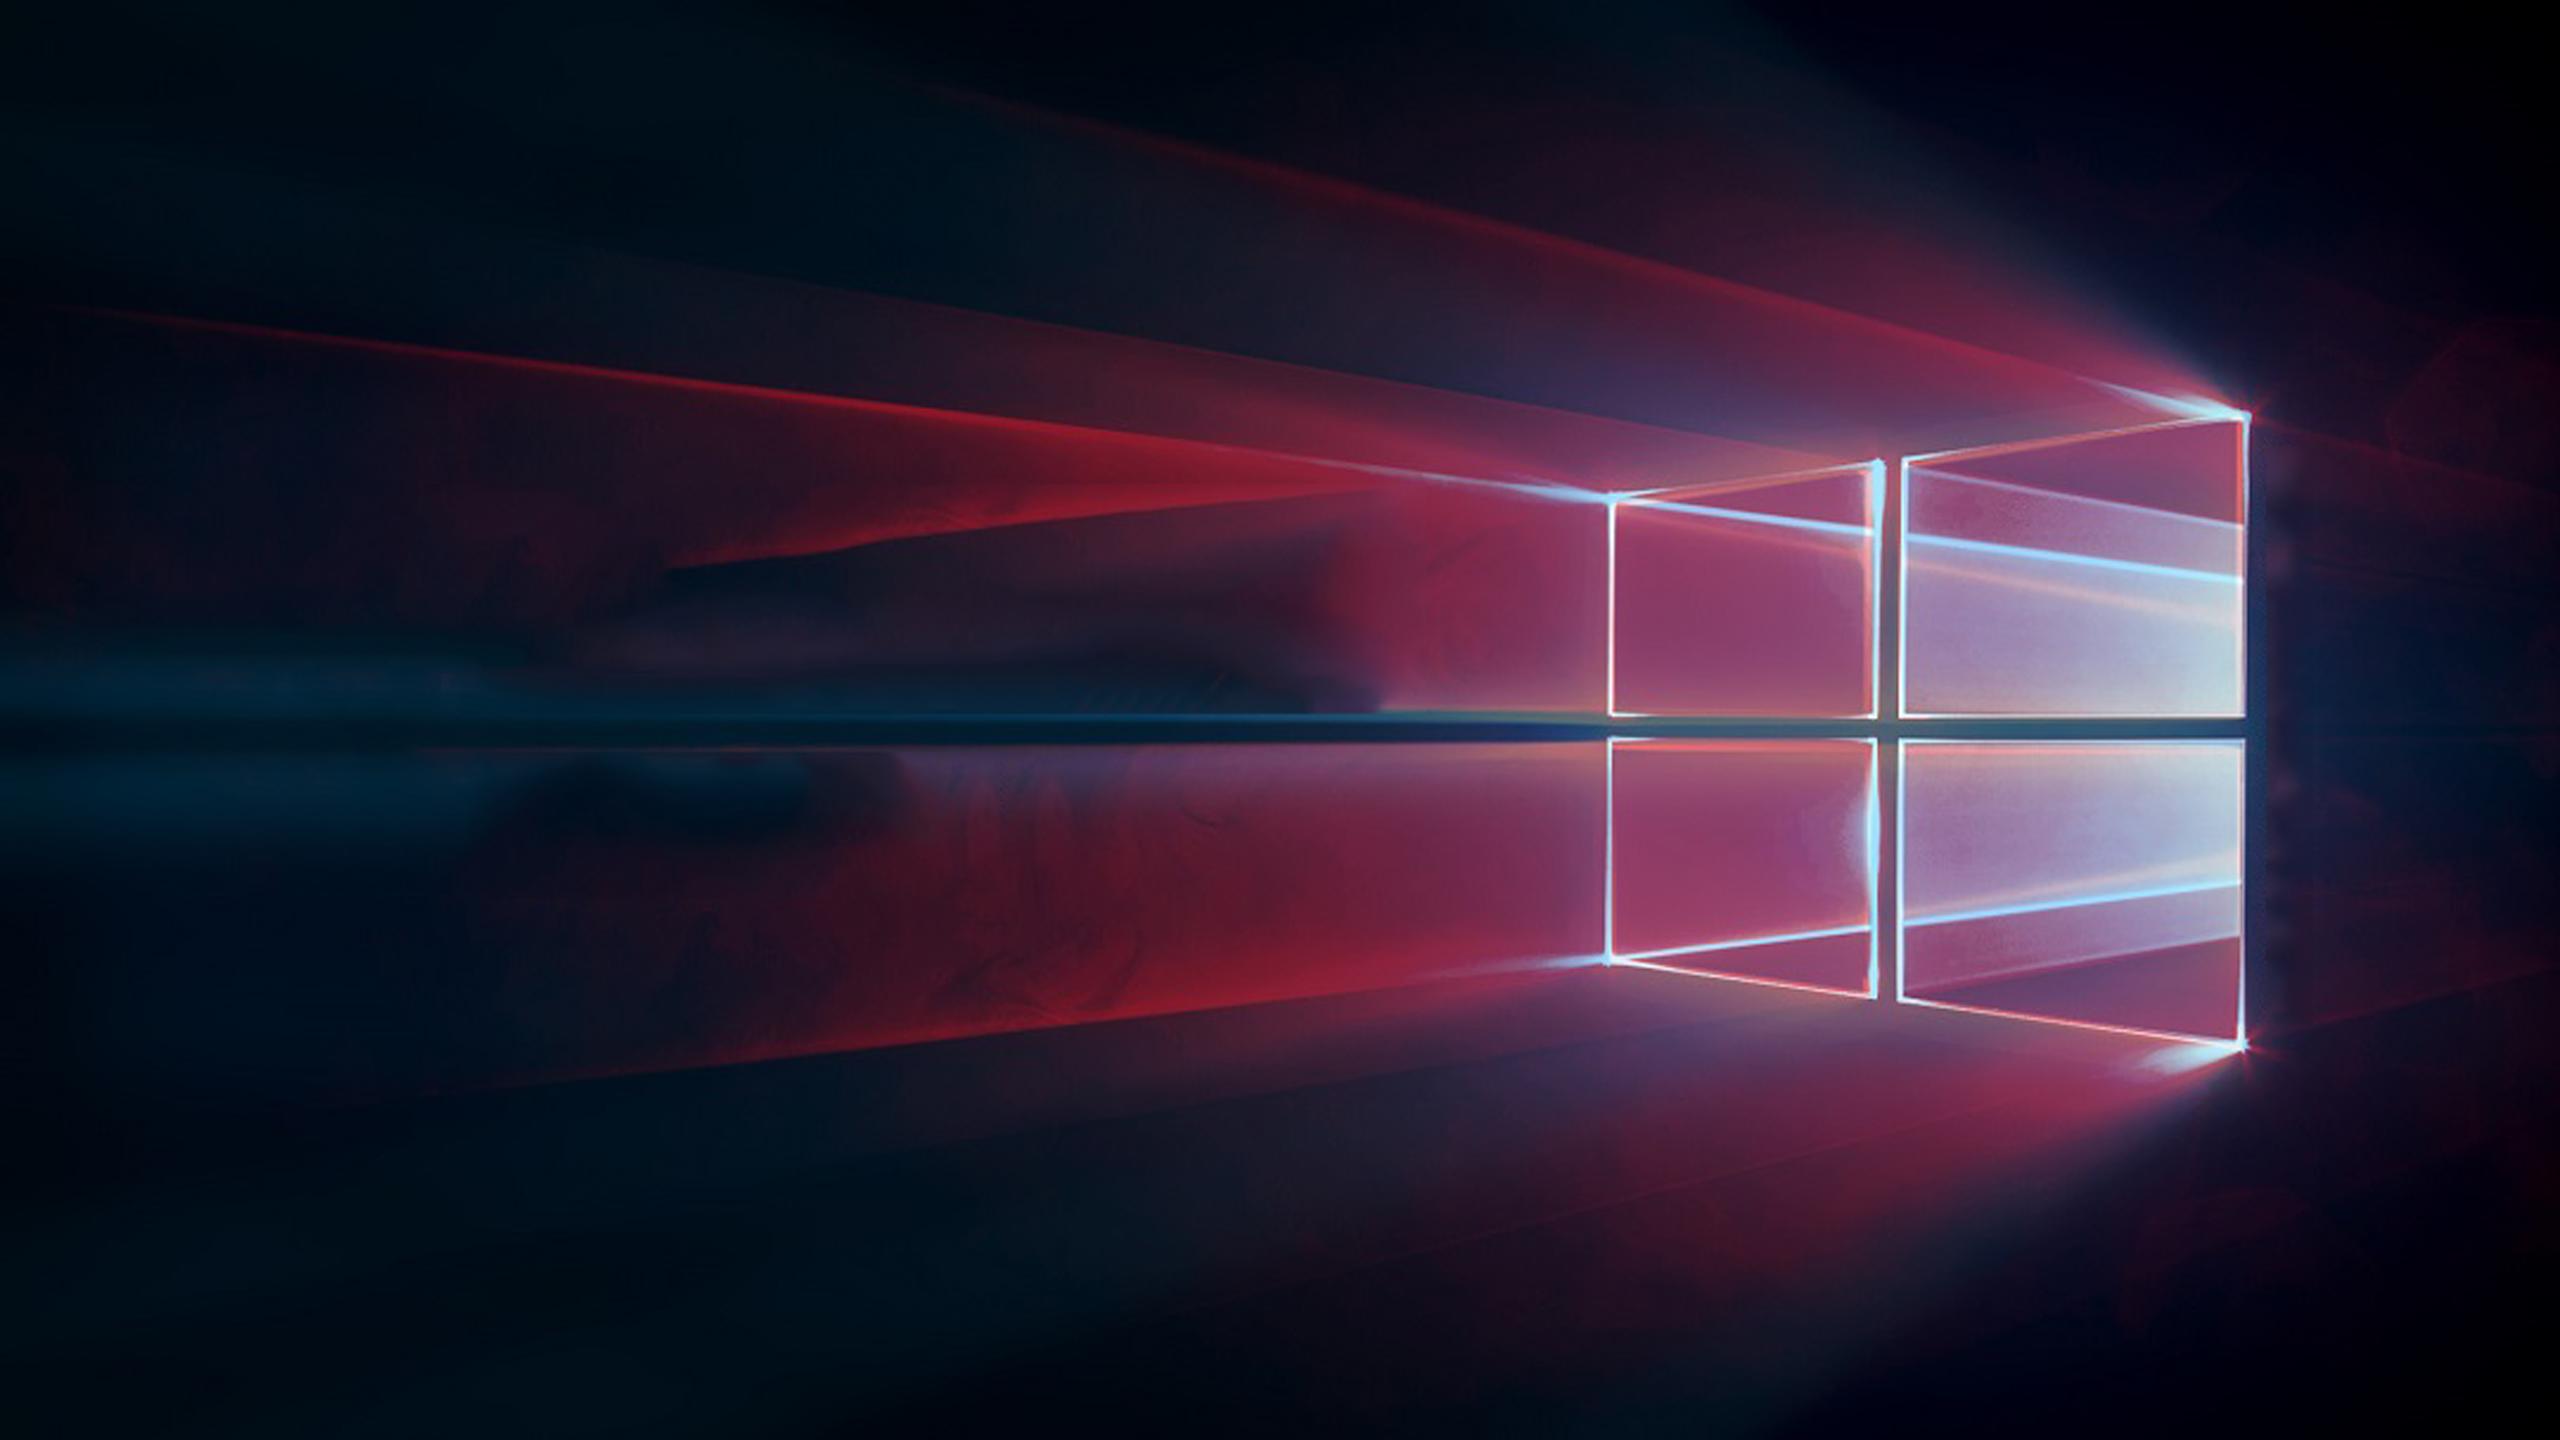 Windows 10 Fcu Wallpaper In 2560x1440 P By Yashlaptop On Deviantart